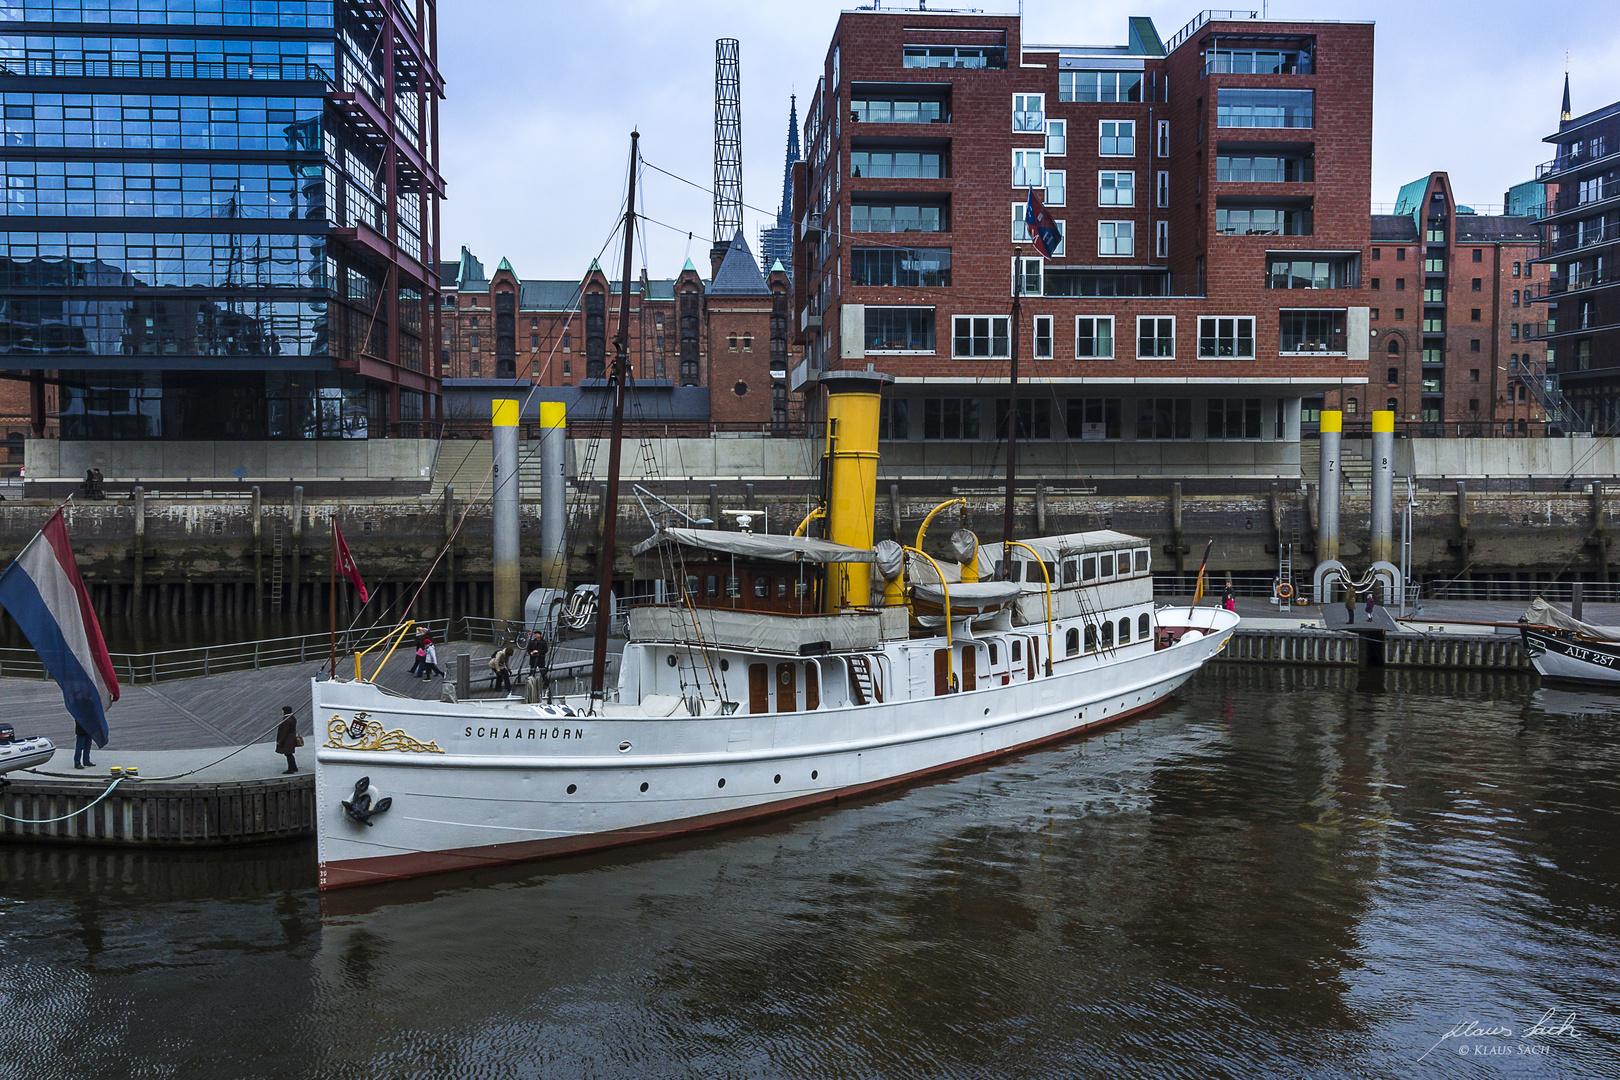 Schaarhörn im Sandtorhafen (Hamburg)